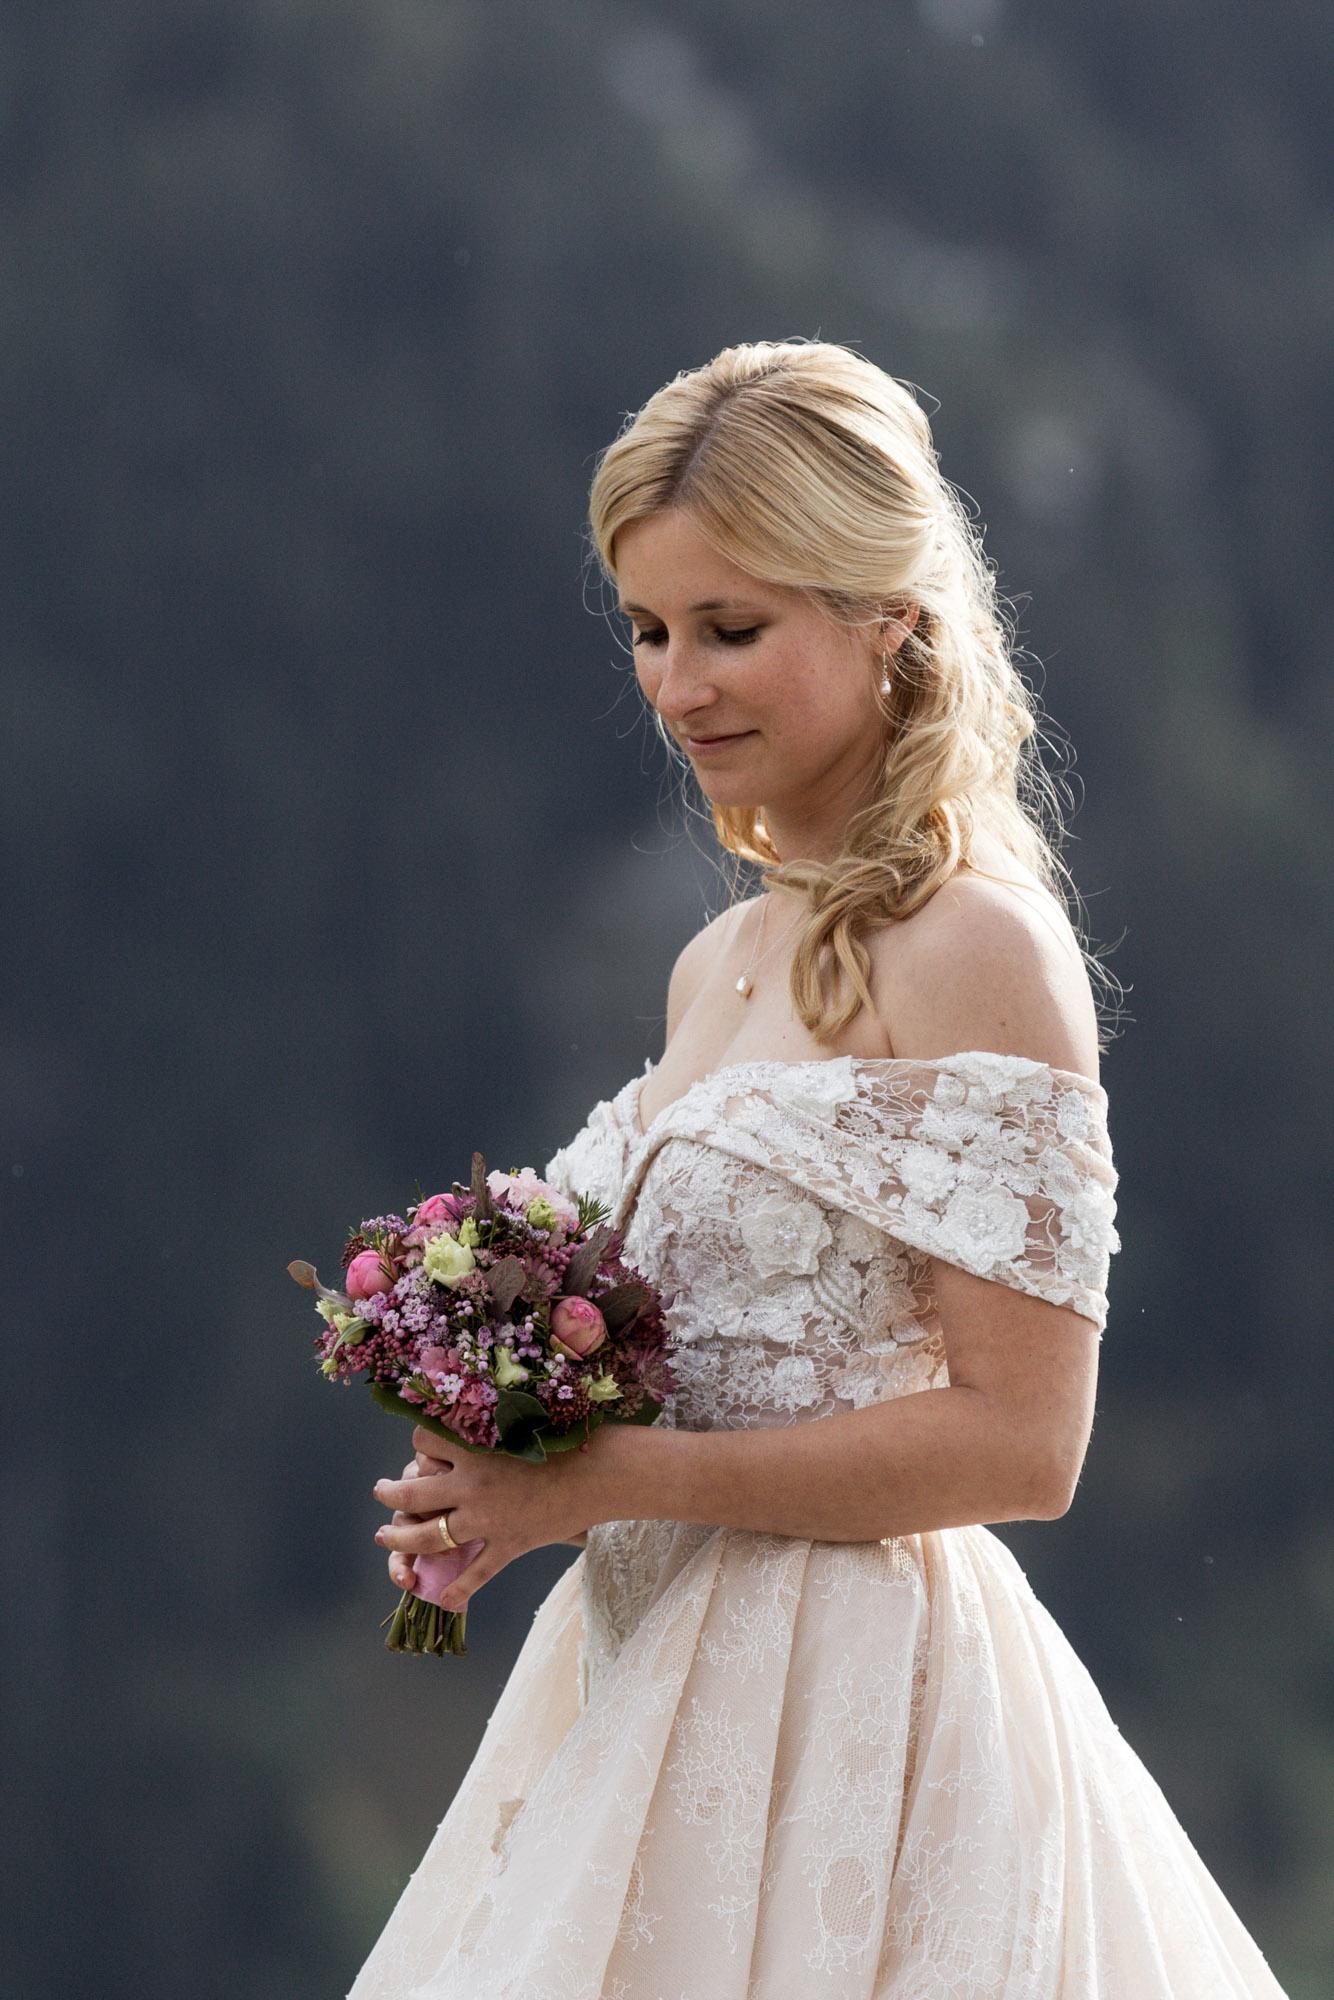 Die wunderschöne Braut beim Fotoshooting in den Bergen